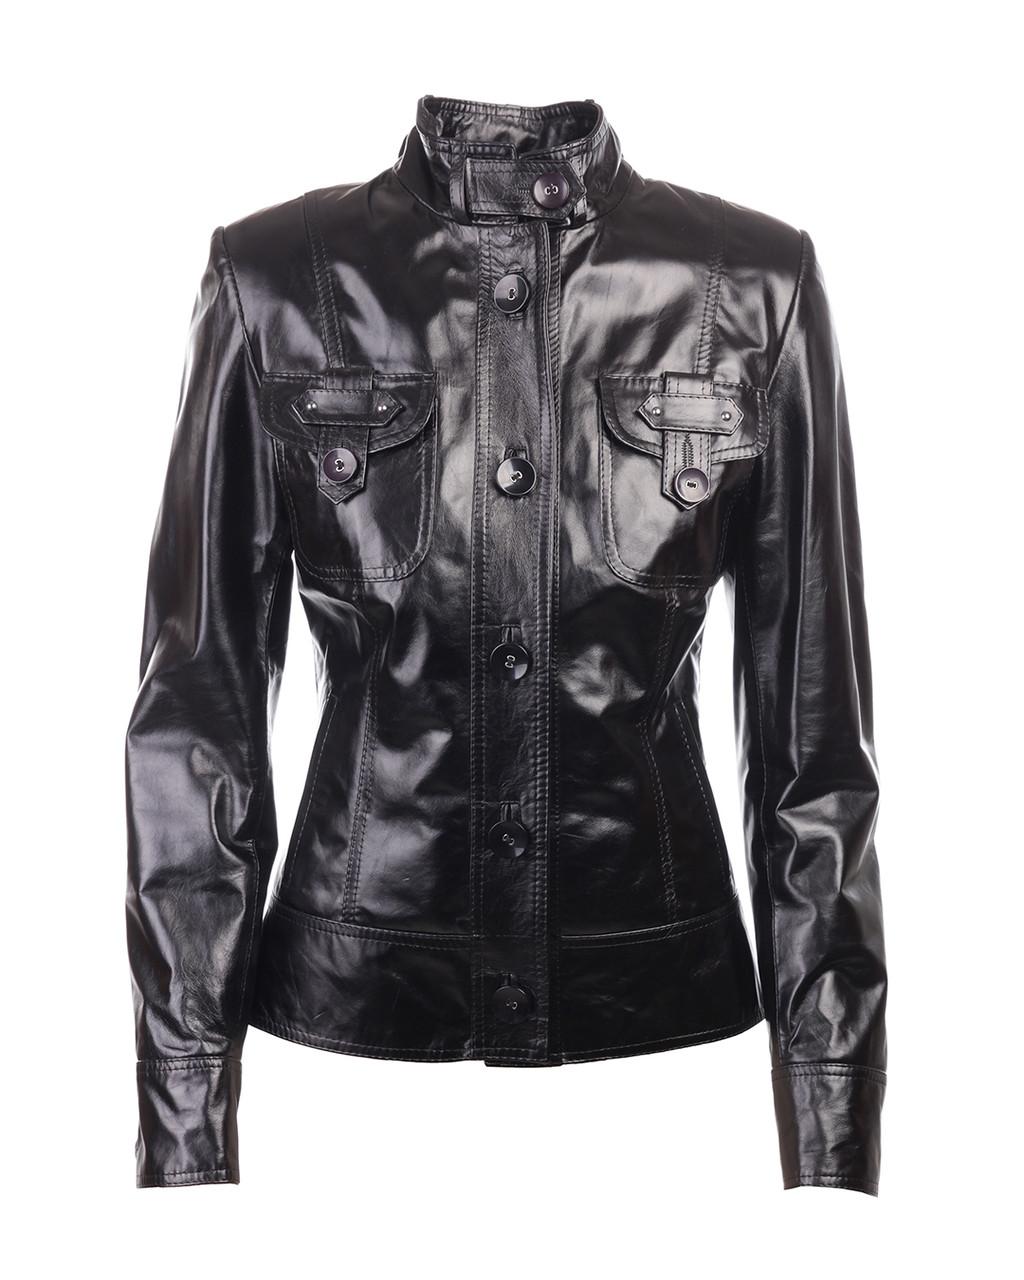 Куртка-піджак жіноча шкіряна чорна 44 розміру (Арт. PO201)